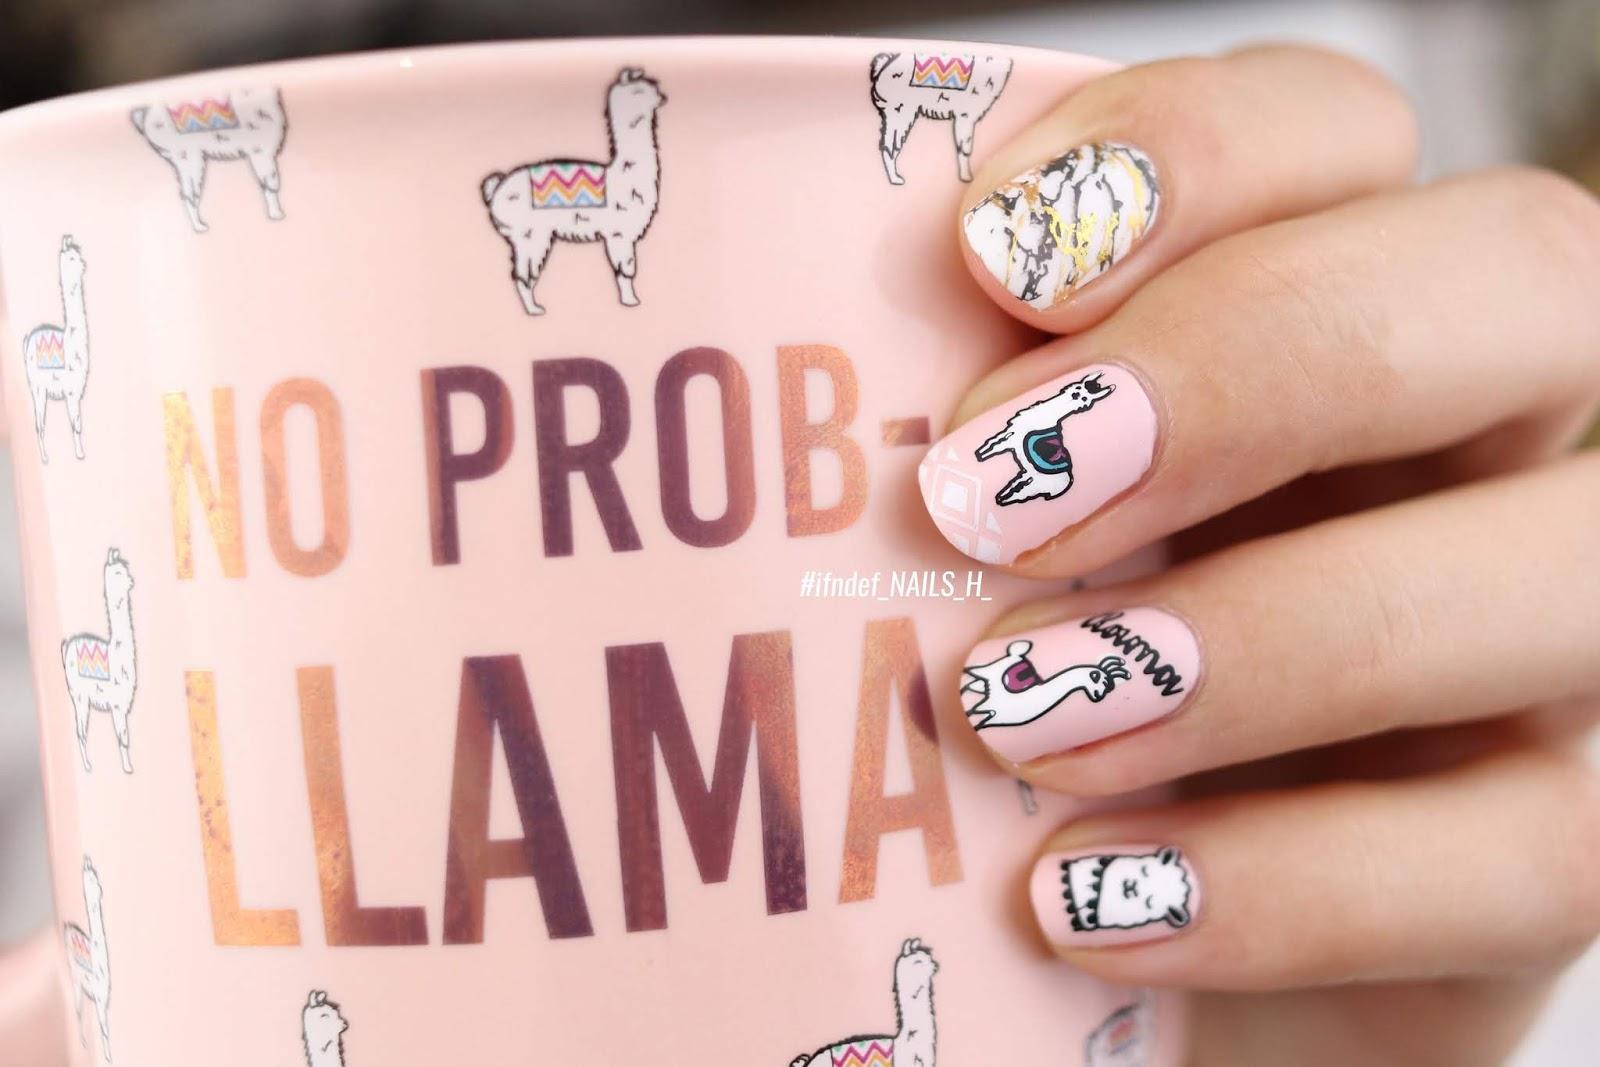 No Prob-Llama // MoYou London Explorer 33 Plate - Pink Llama Nail Design